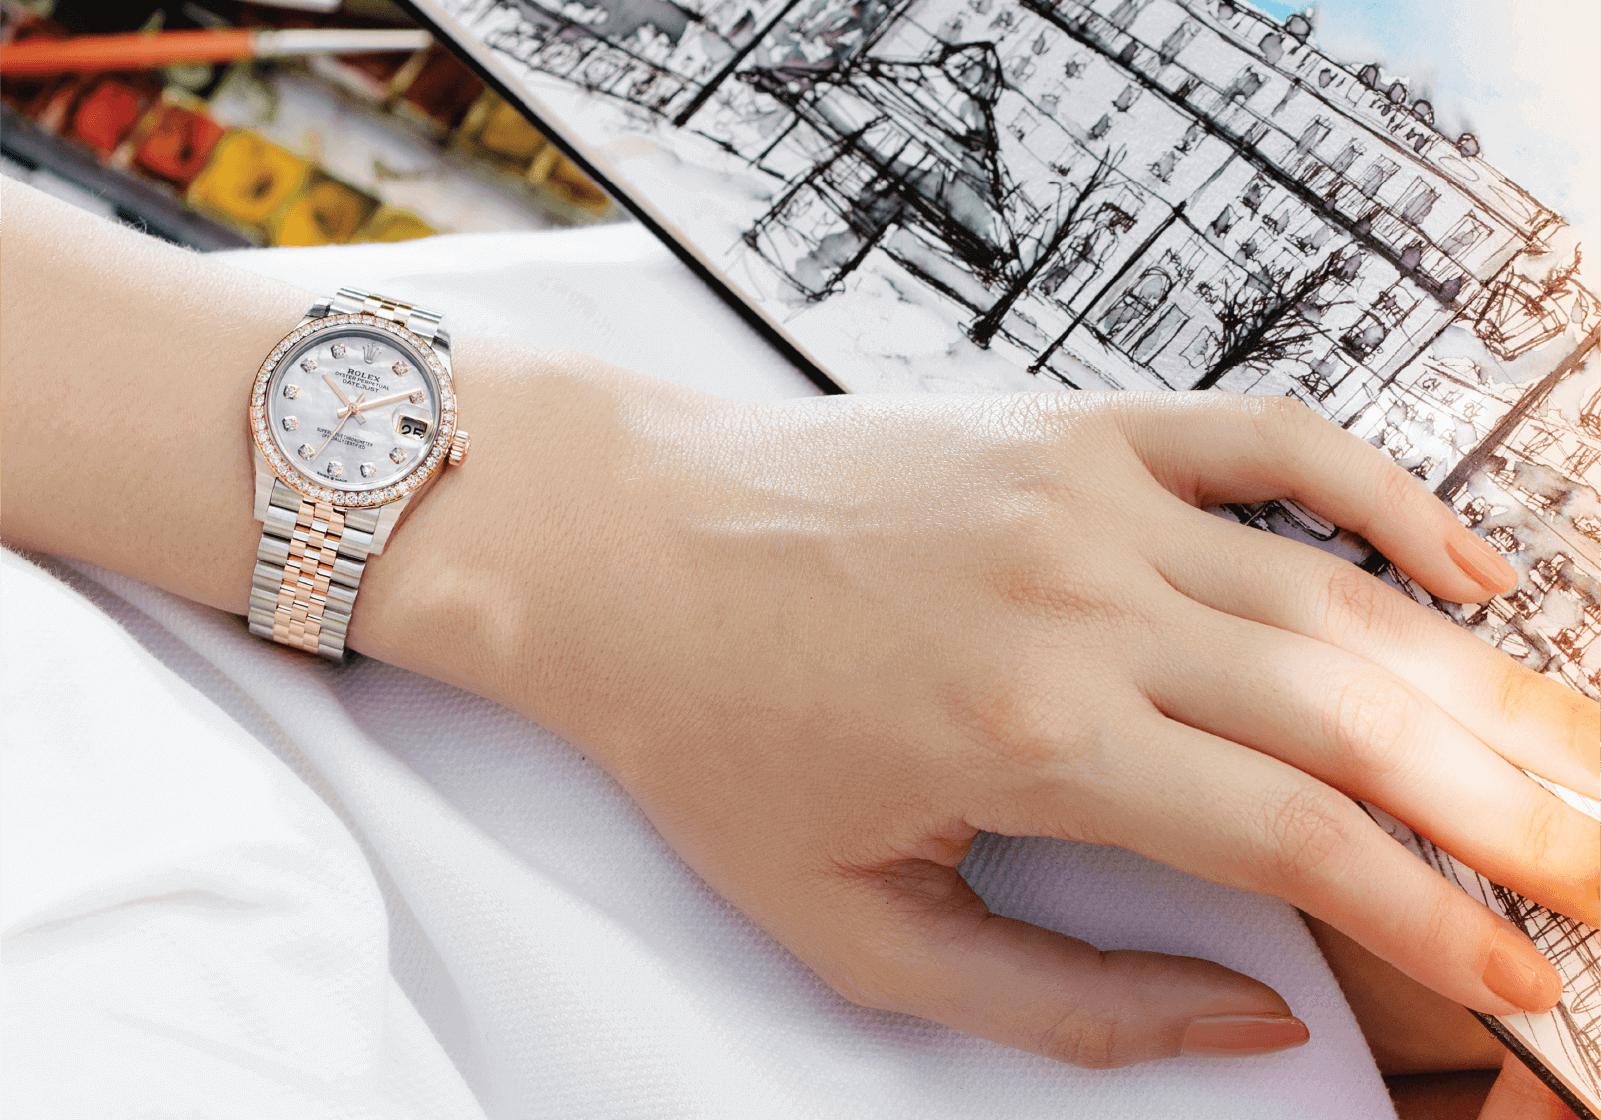 Rolex Oyster Perpetual Lady Datejust Ref. 126281RBR-0009 Corda automática | Aço Oystersteel, ouro Everose e diamantes | Ø 36 mm © Paulo Pires em mão de mulher sobre fundo de ilustração